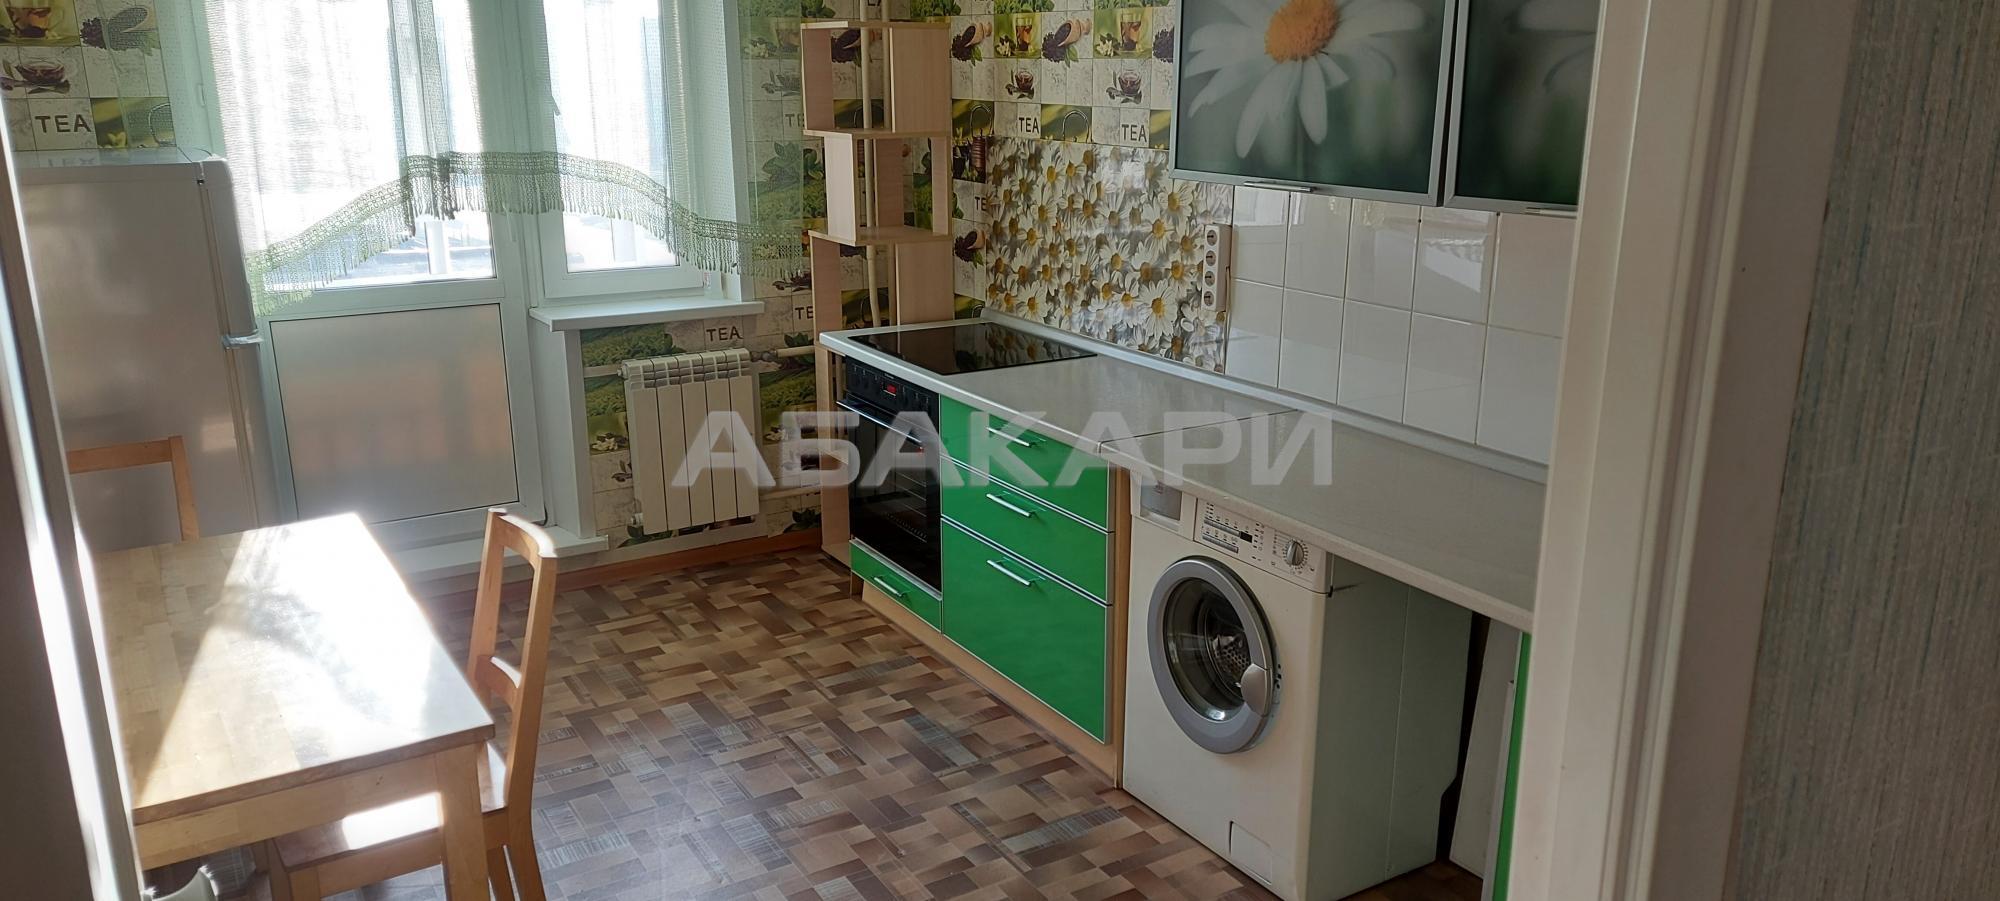 2к квартира улица Дмитрия Мартынова, д. 22 | 25000 | аренда в Красноярске фото 2